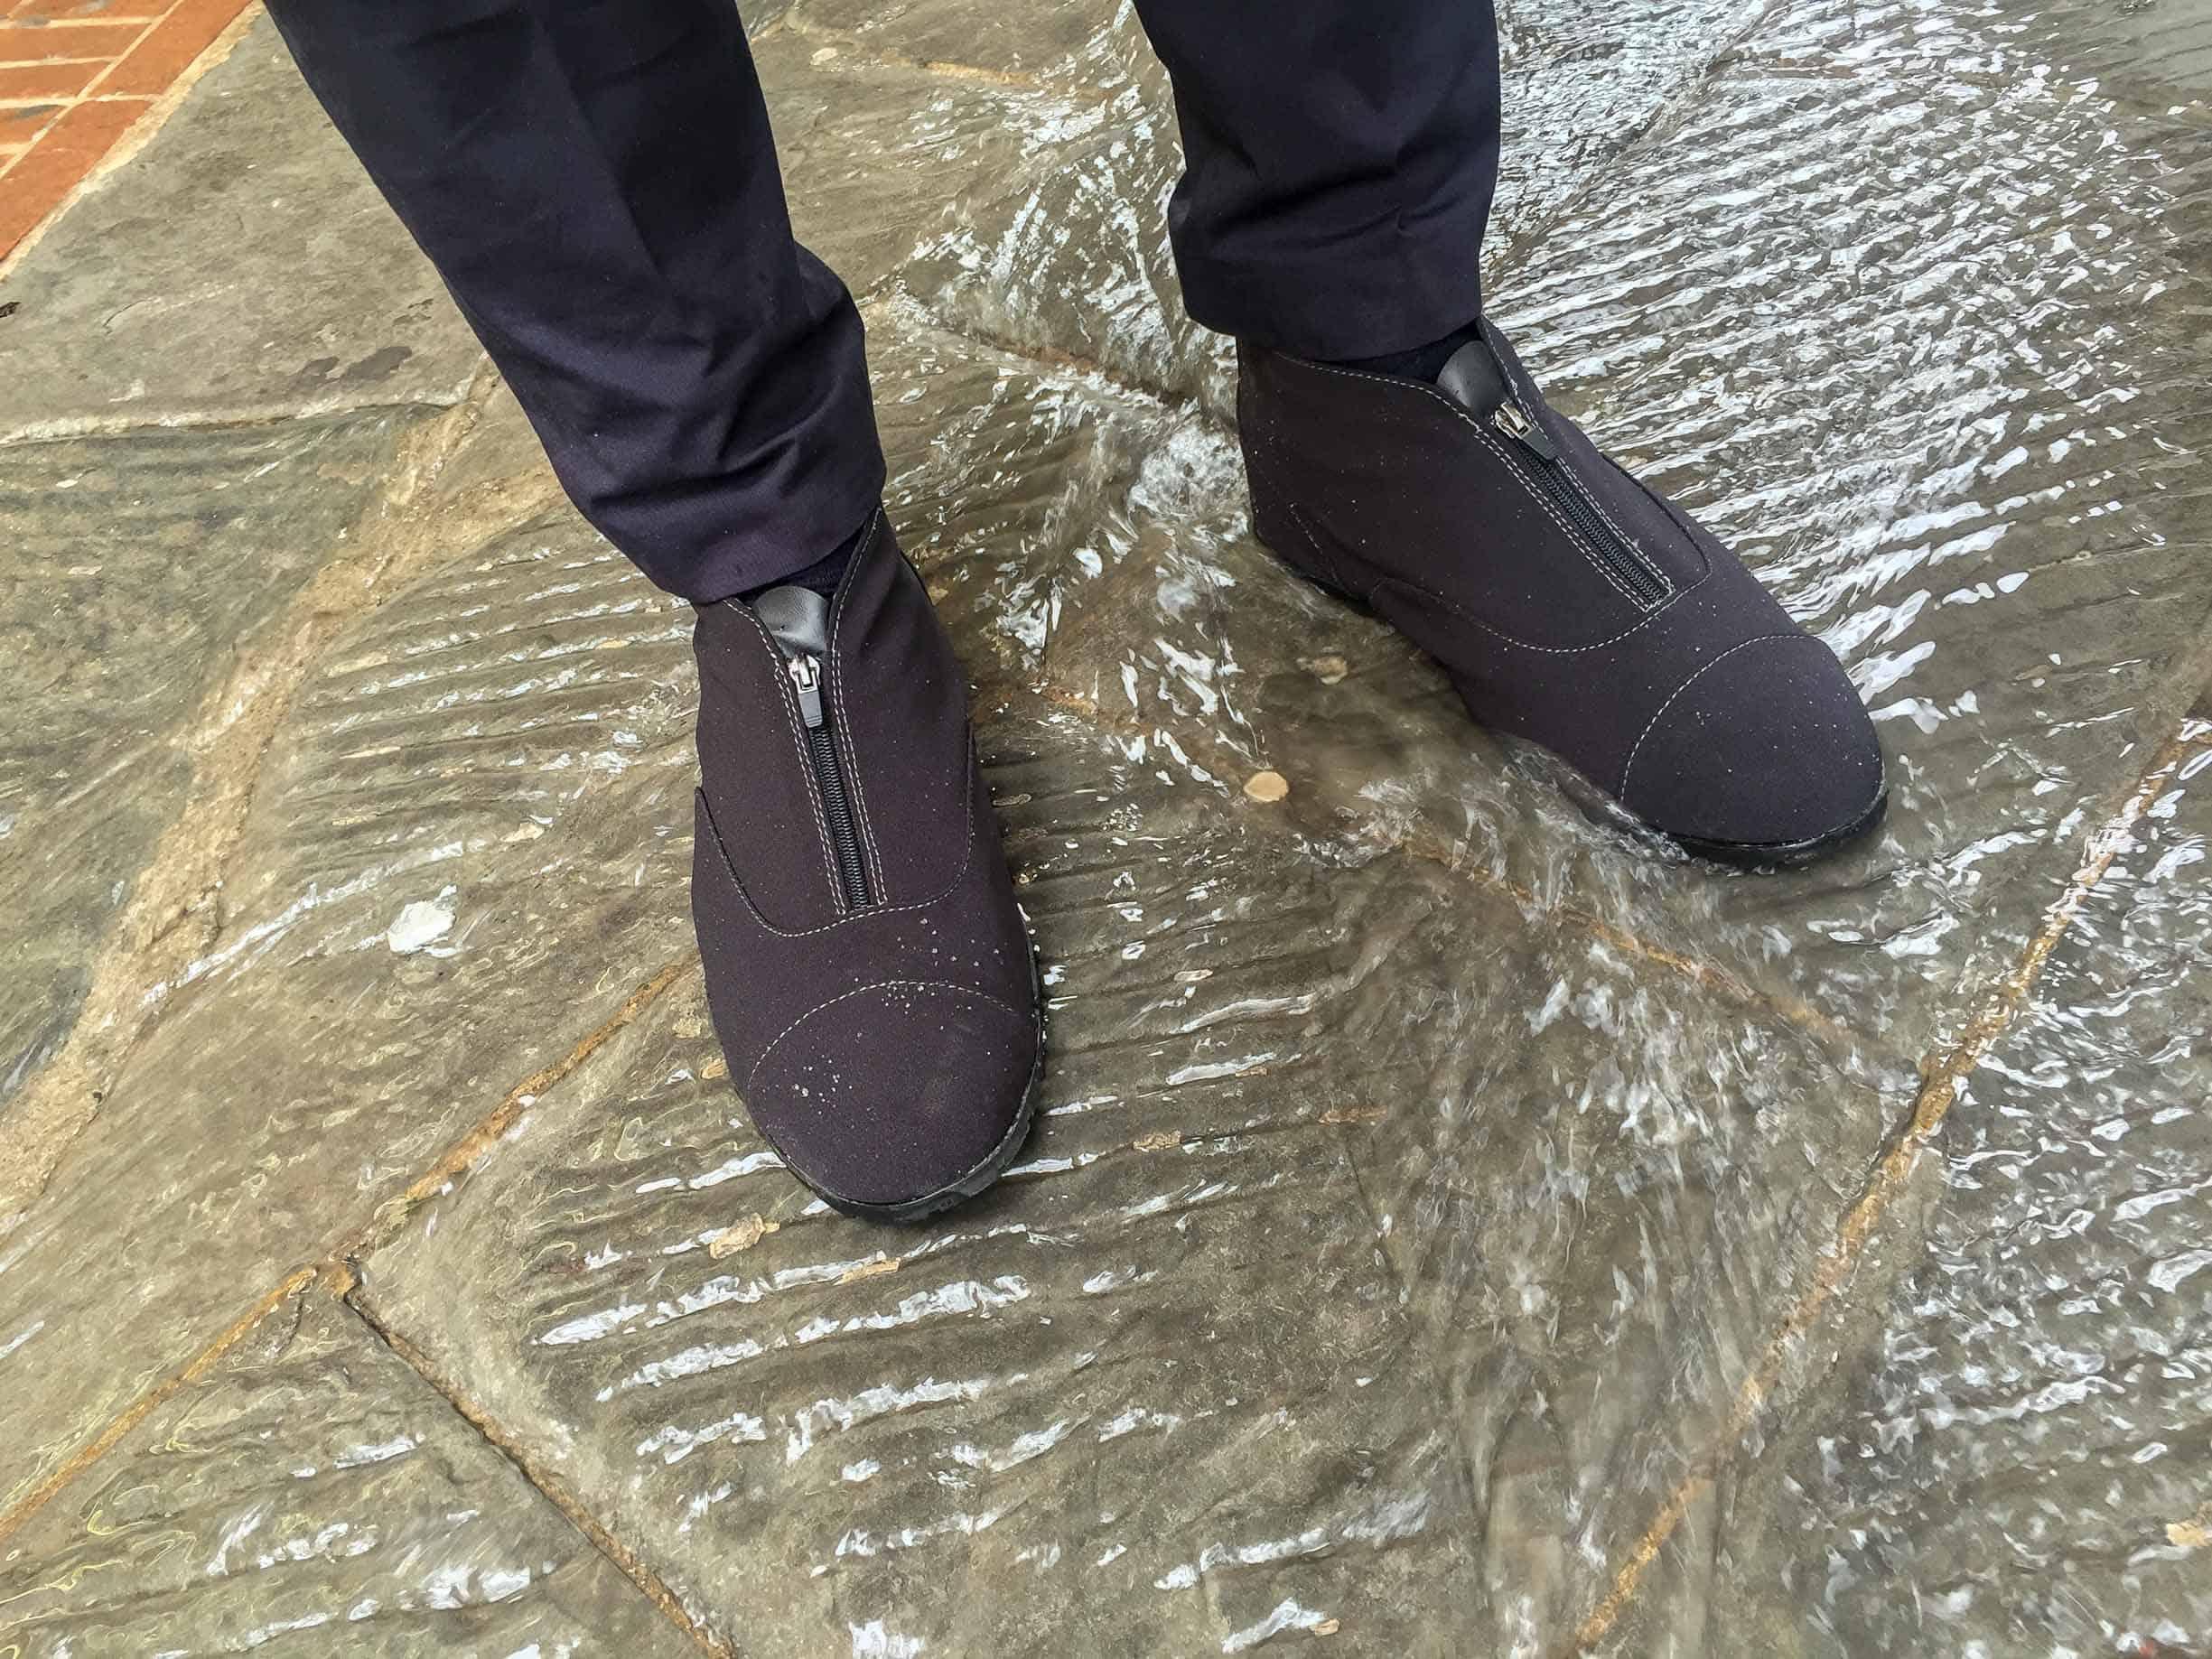 Galoscher – Shoegazing